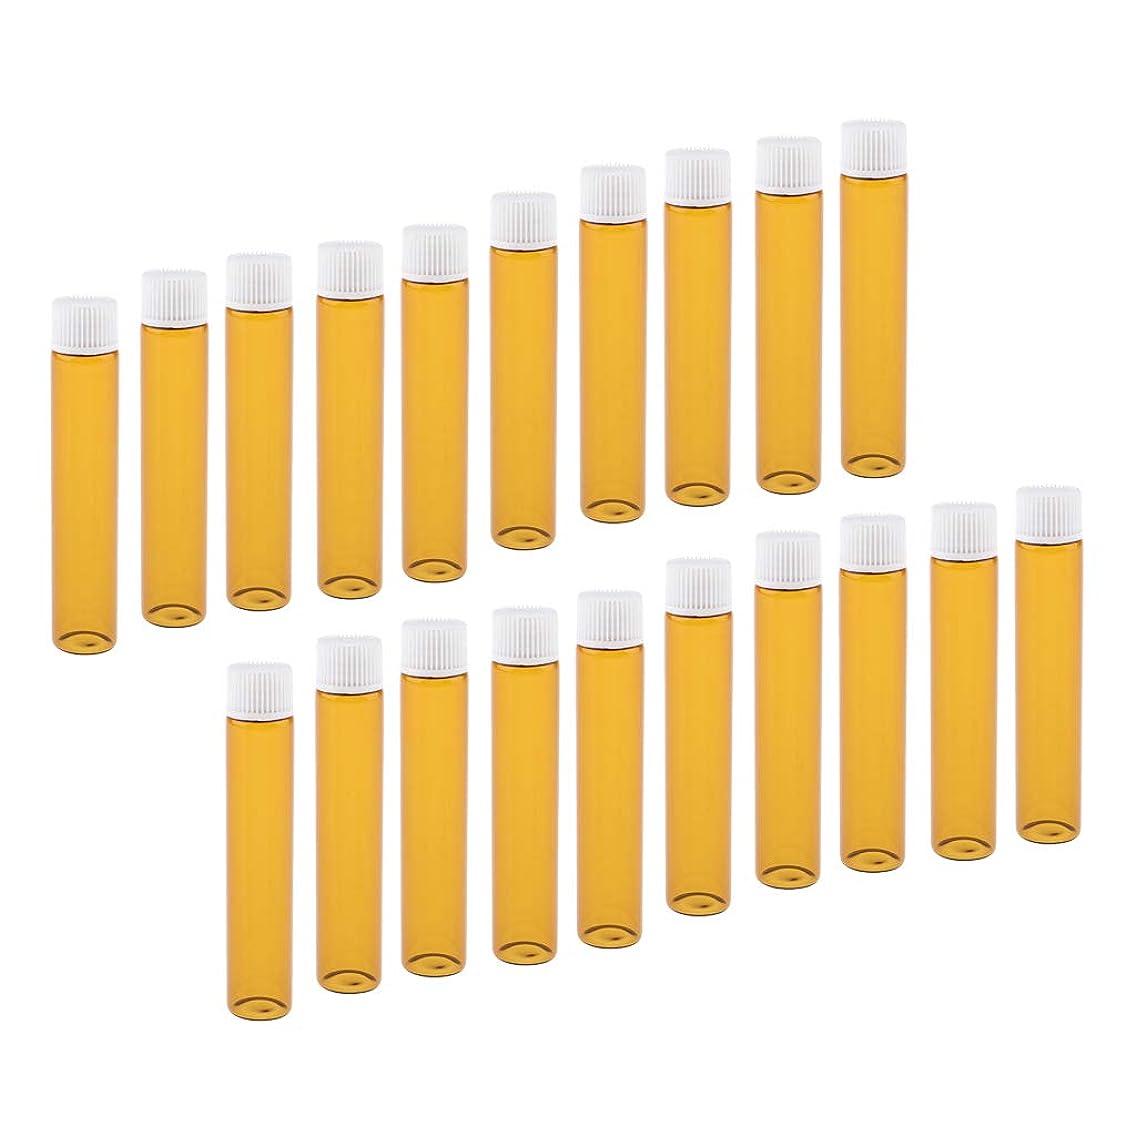 卒業記念アルバム食用インデックスToygogo 全4色 香水ボトル ガラスボトル 小分け容器 小分けボトル 詰替え容器 再利用可能 20個入り - ホワイト